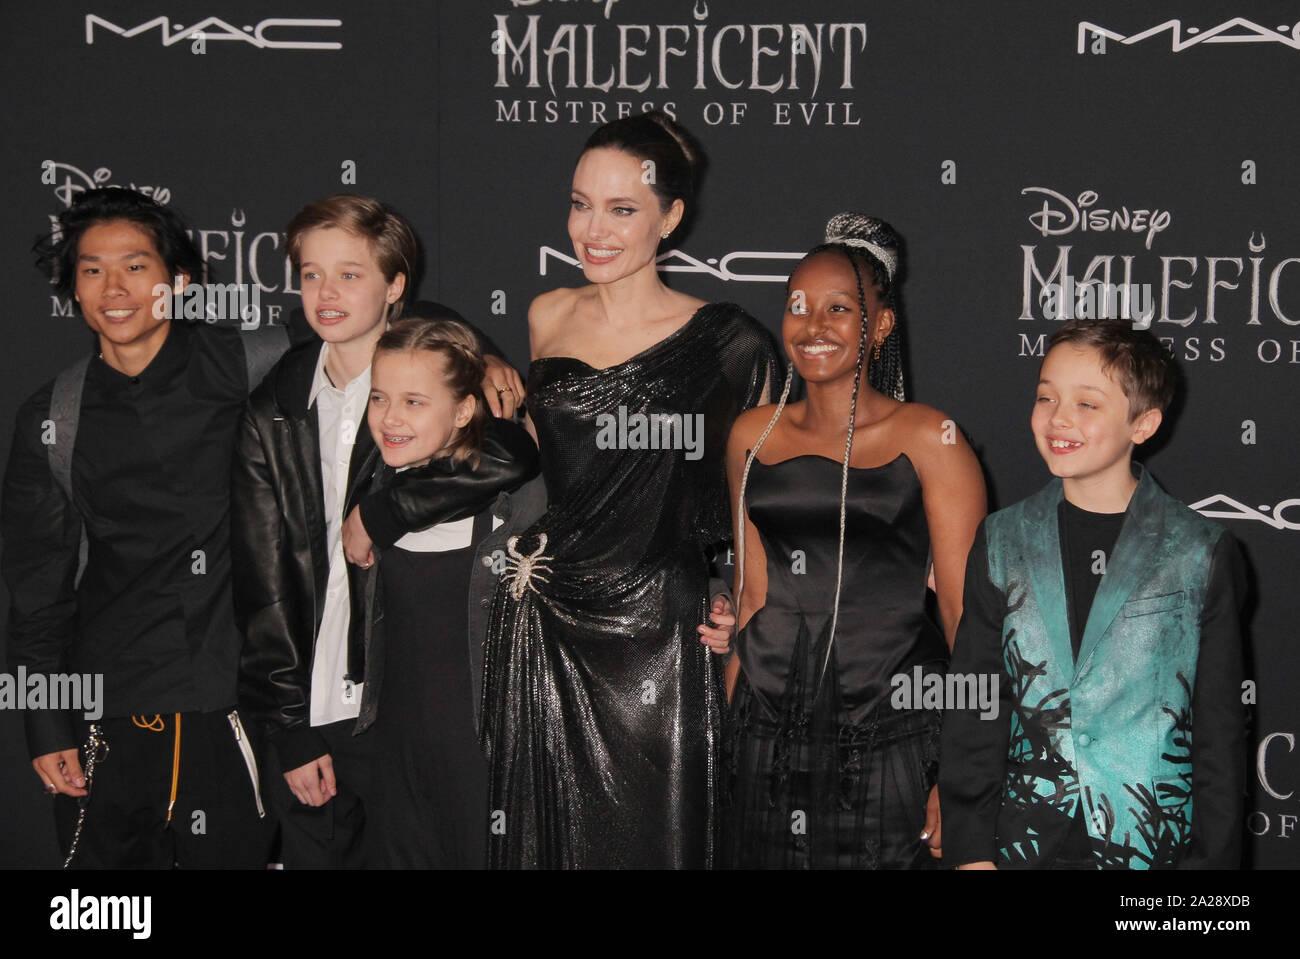 Pax Thien Jolie Pitt Shiloh Nouvel Jolie Pitt Vivienne